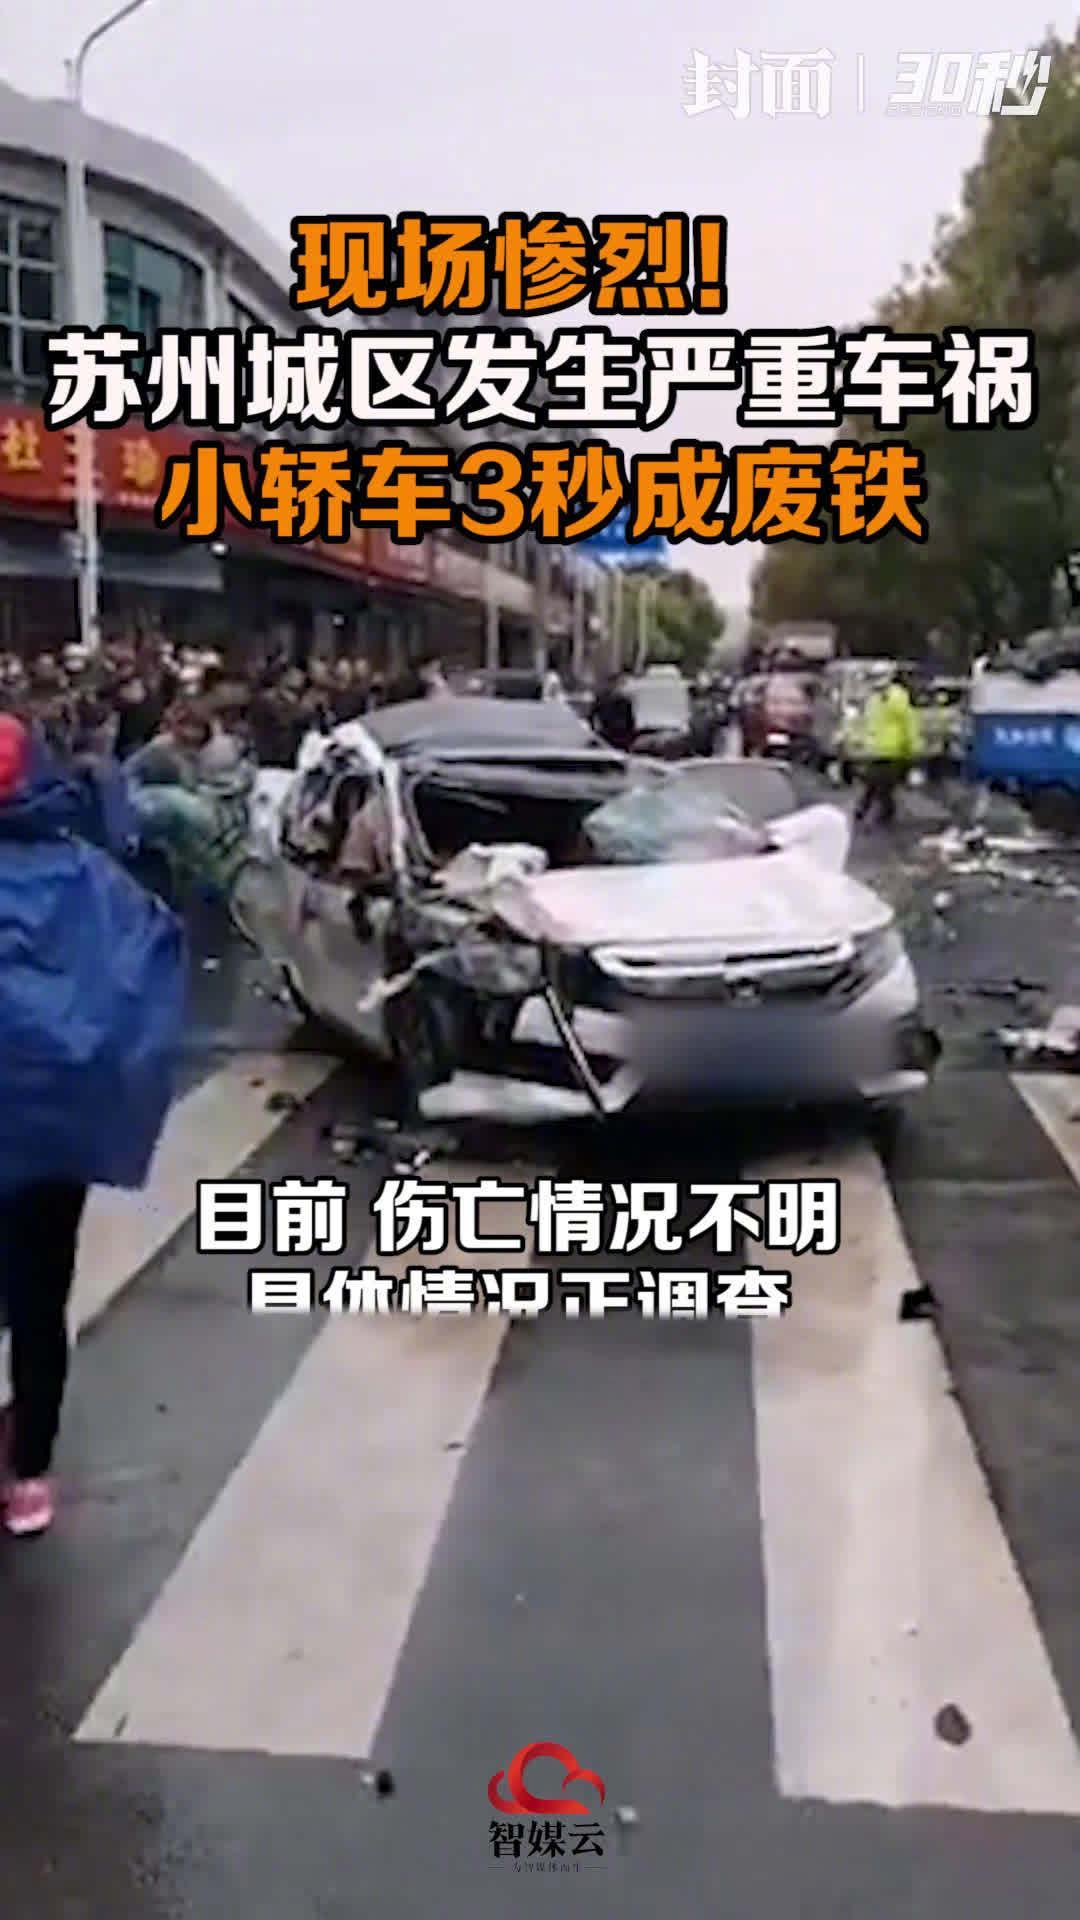 惨烈!苏州黄埭发生严重车祸小轿车3秒成废铁